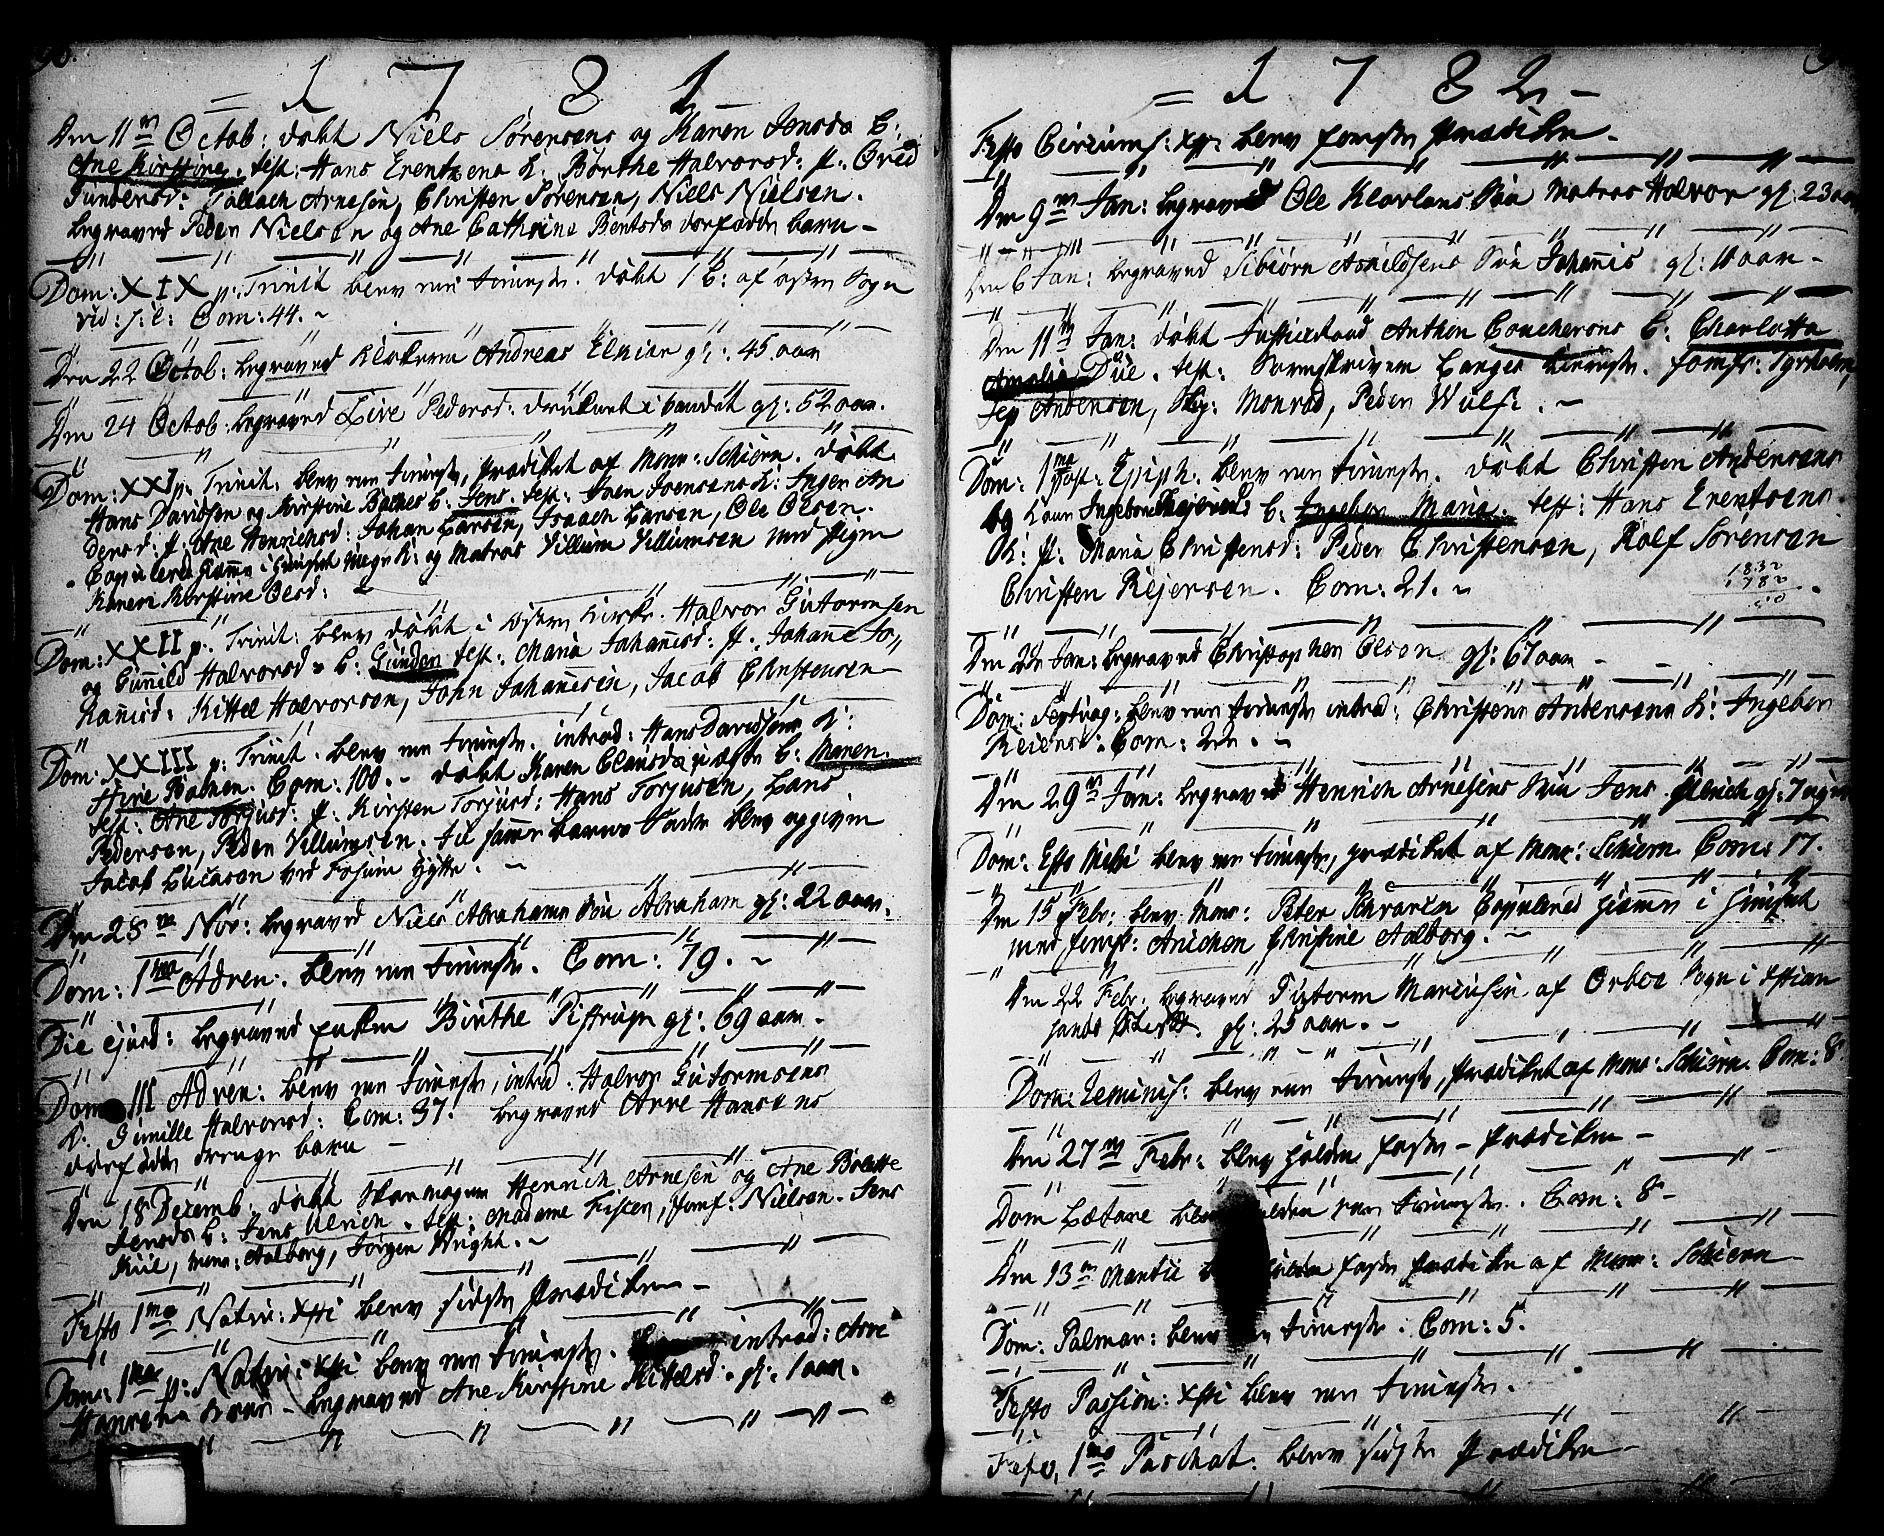 SAKO, Porsgrunn kirkebøker , F/Fa/L0001: Ministerialbok nr. 1, 1764-1814, s. 96-97